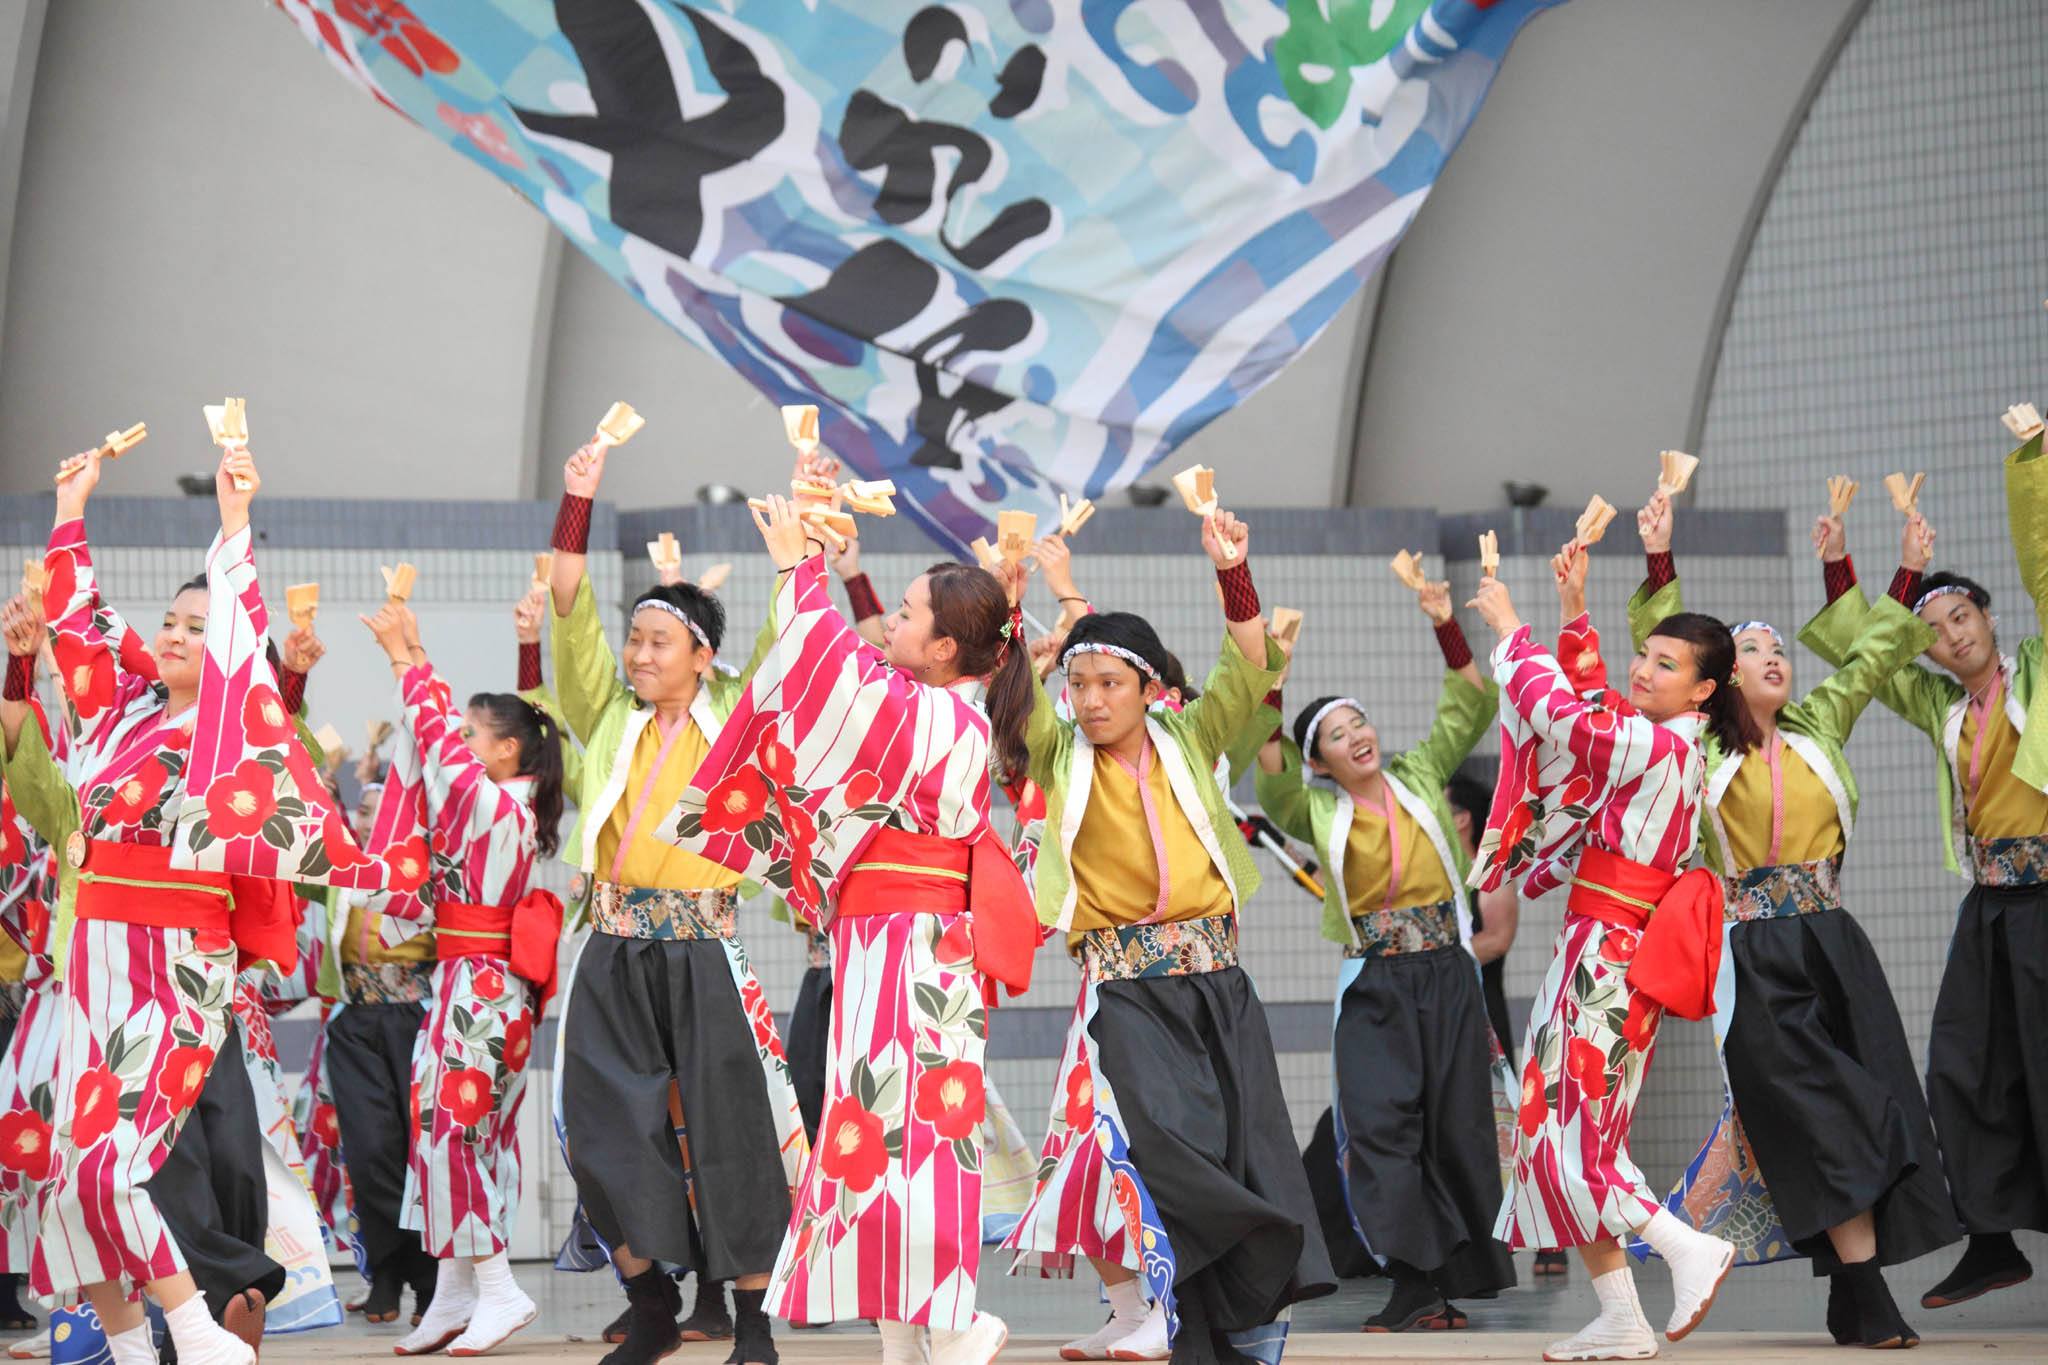 原宿表参道元氣祭スーパーよさこい2019【10】_c0299360_21483488.jpg